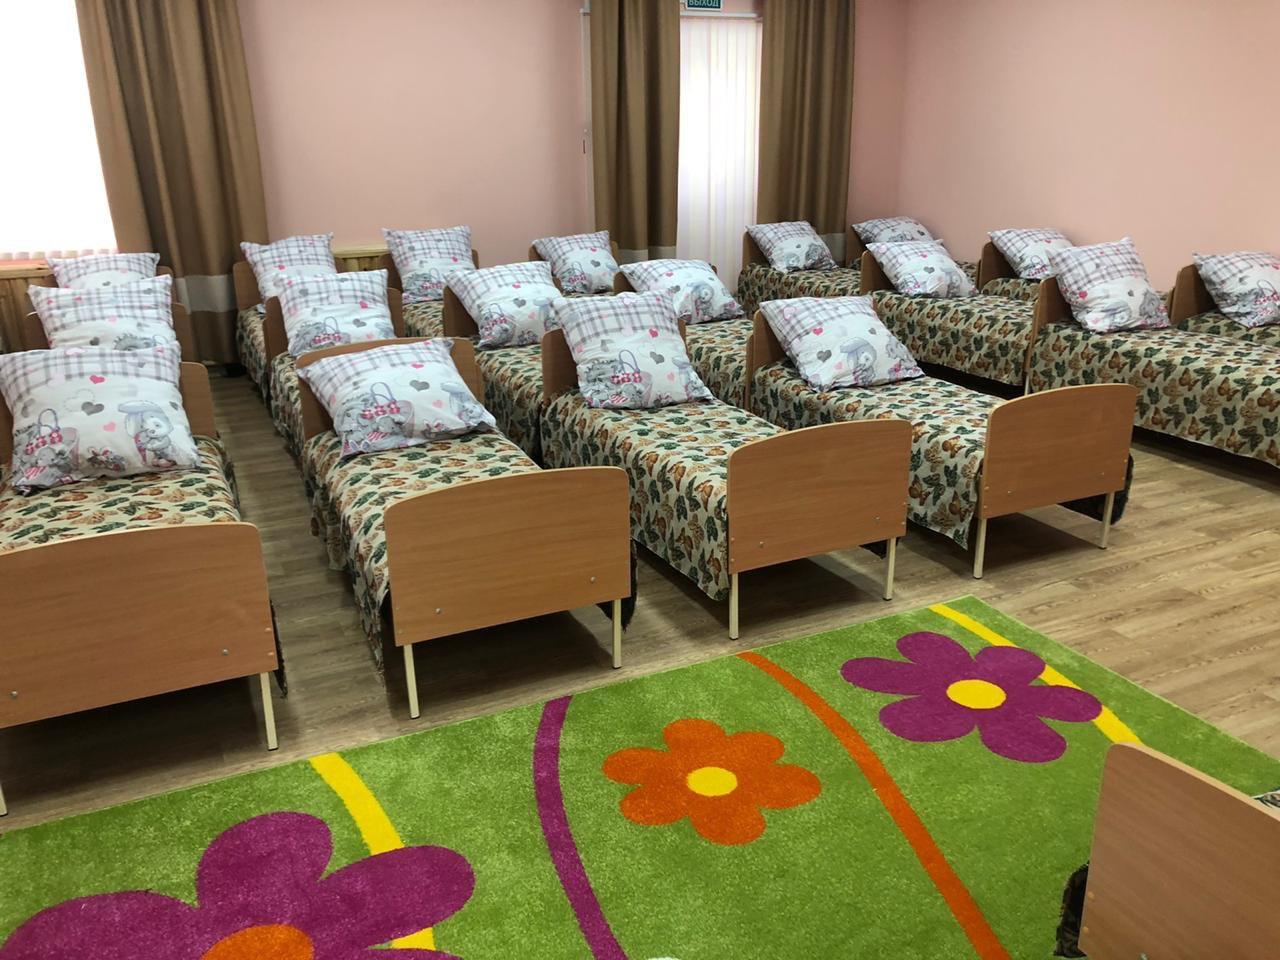 В омский детский сад проник неадекватный мужчина #Новости #Общество #Омск